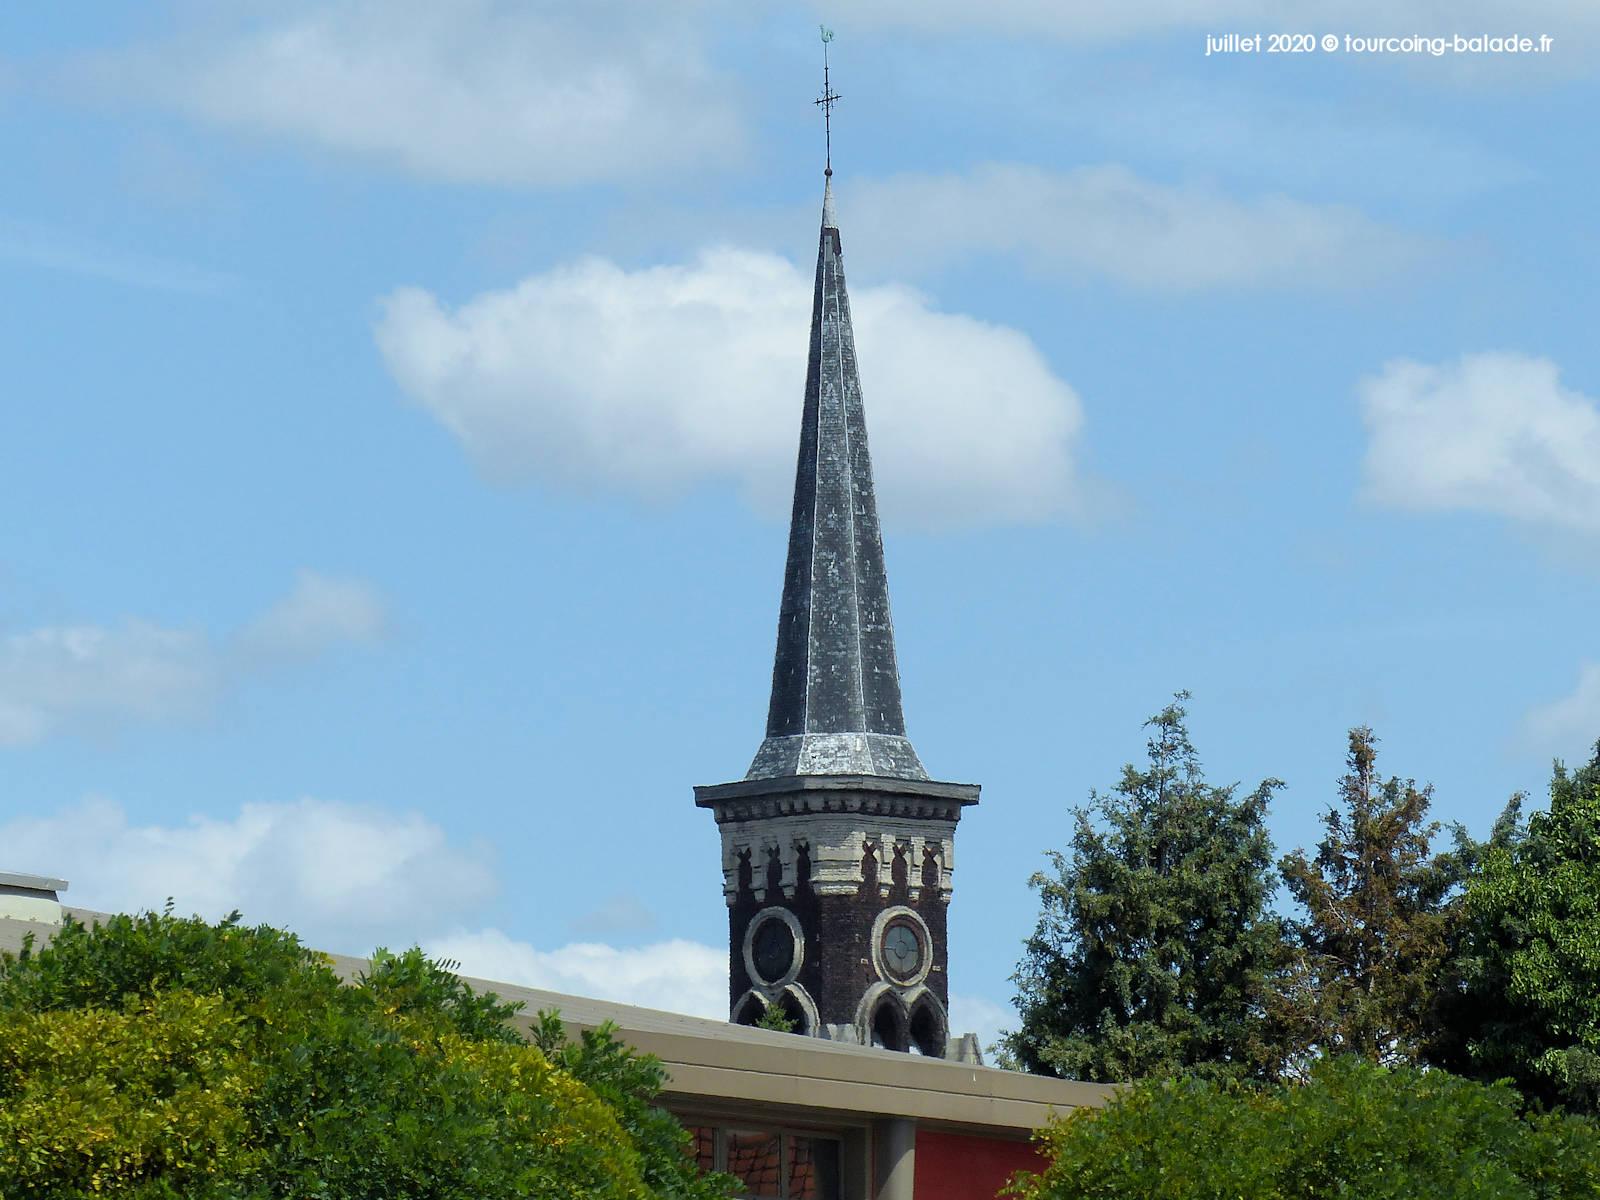 Clocher de l'Église Saint-Gérard, Wattrelos 2020